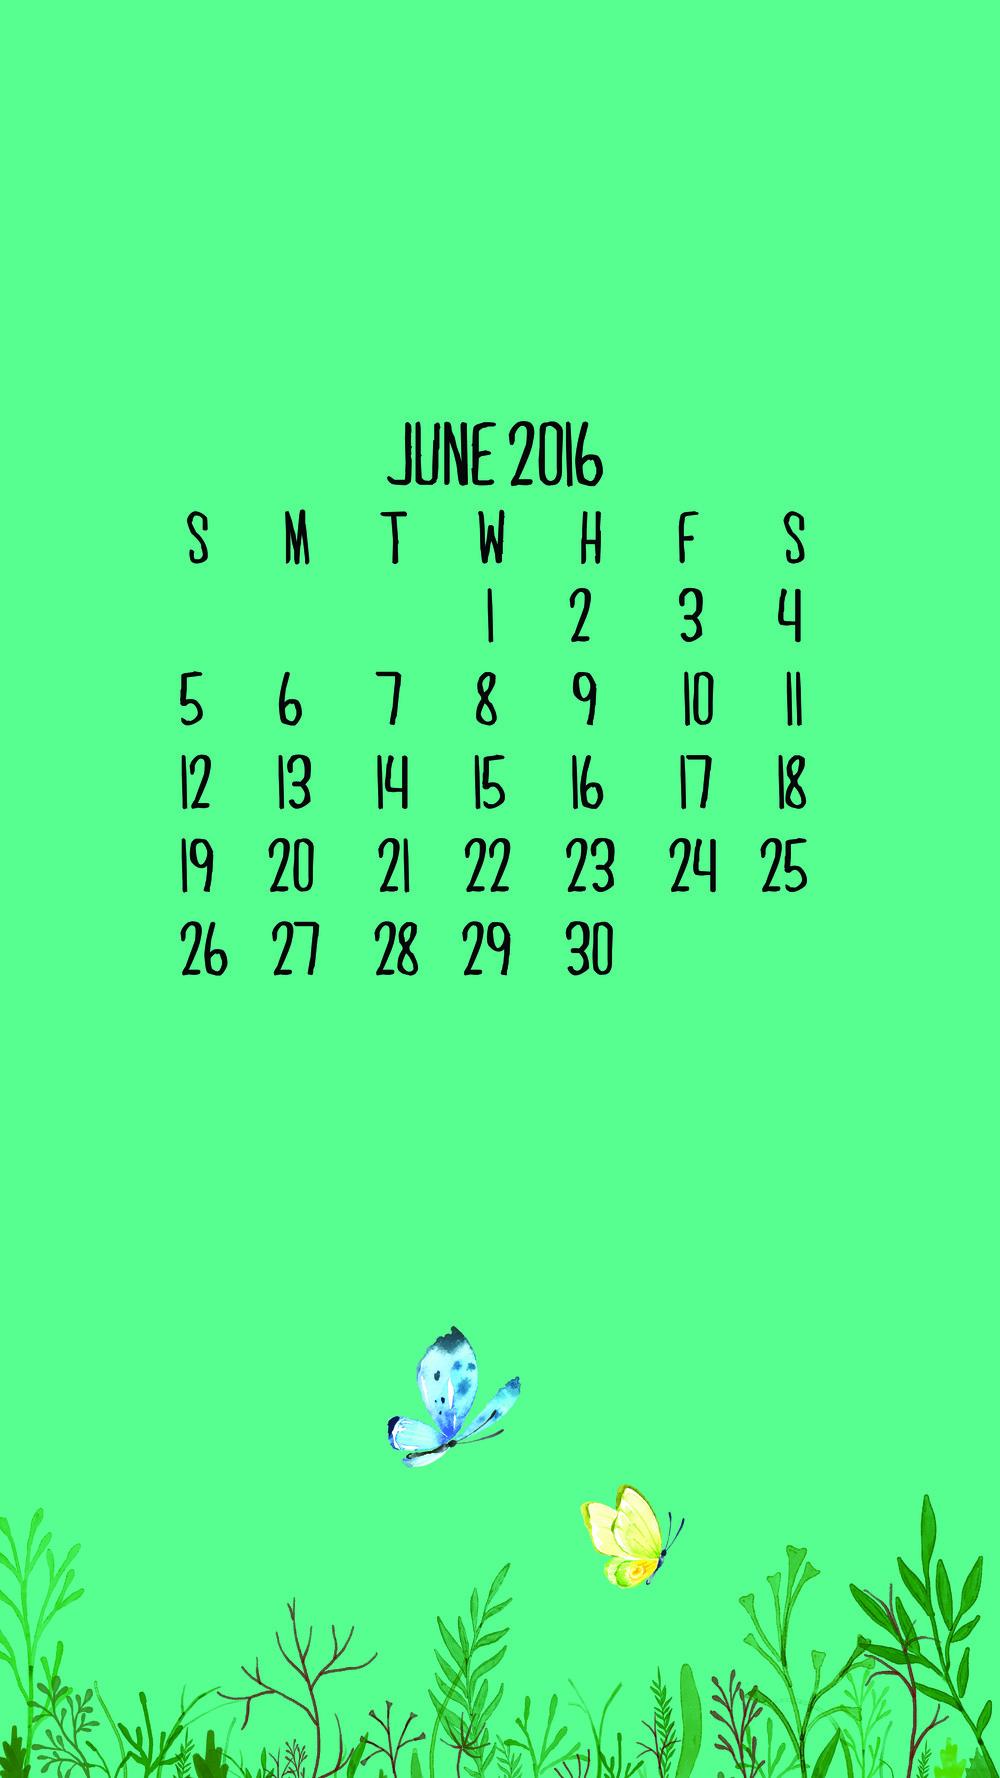 June 2016 Calendar Wallpaper - Phone